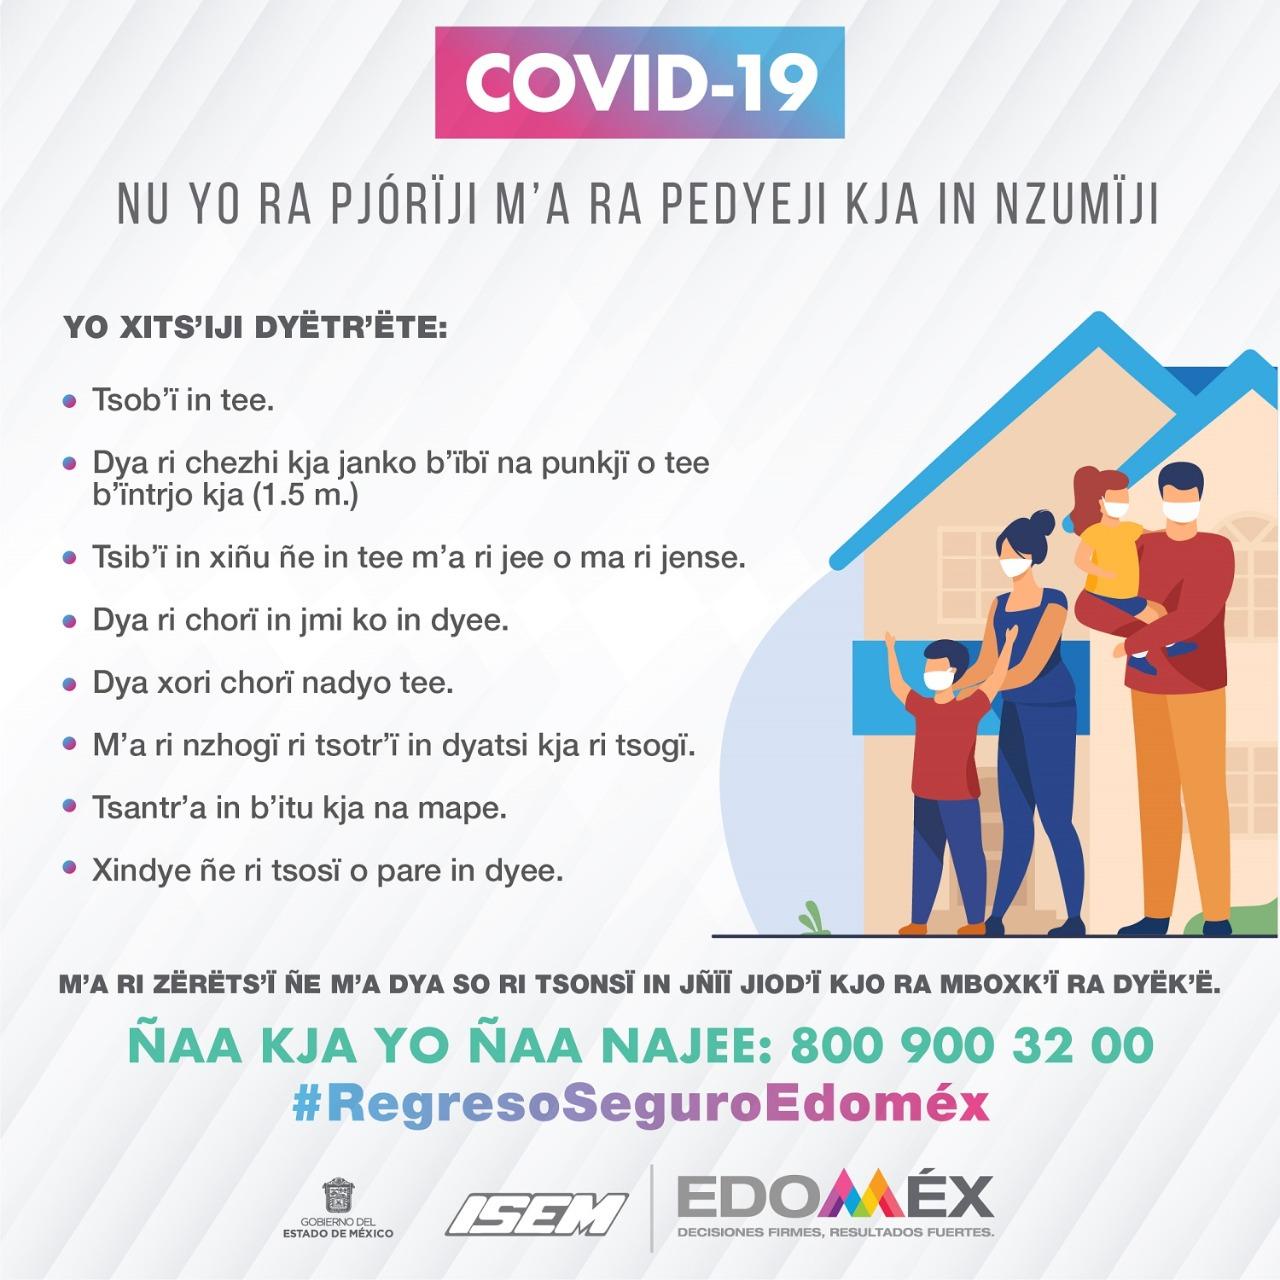 Publica GEM información acerca de COVID-19 en lenguas originarias - Oct 14, 2020